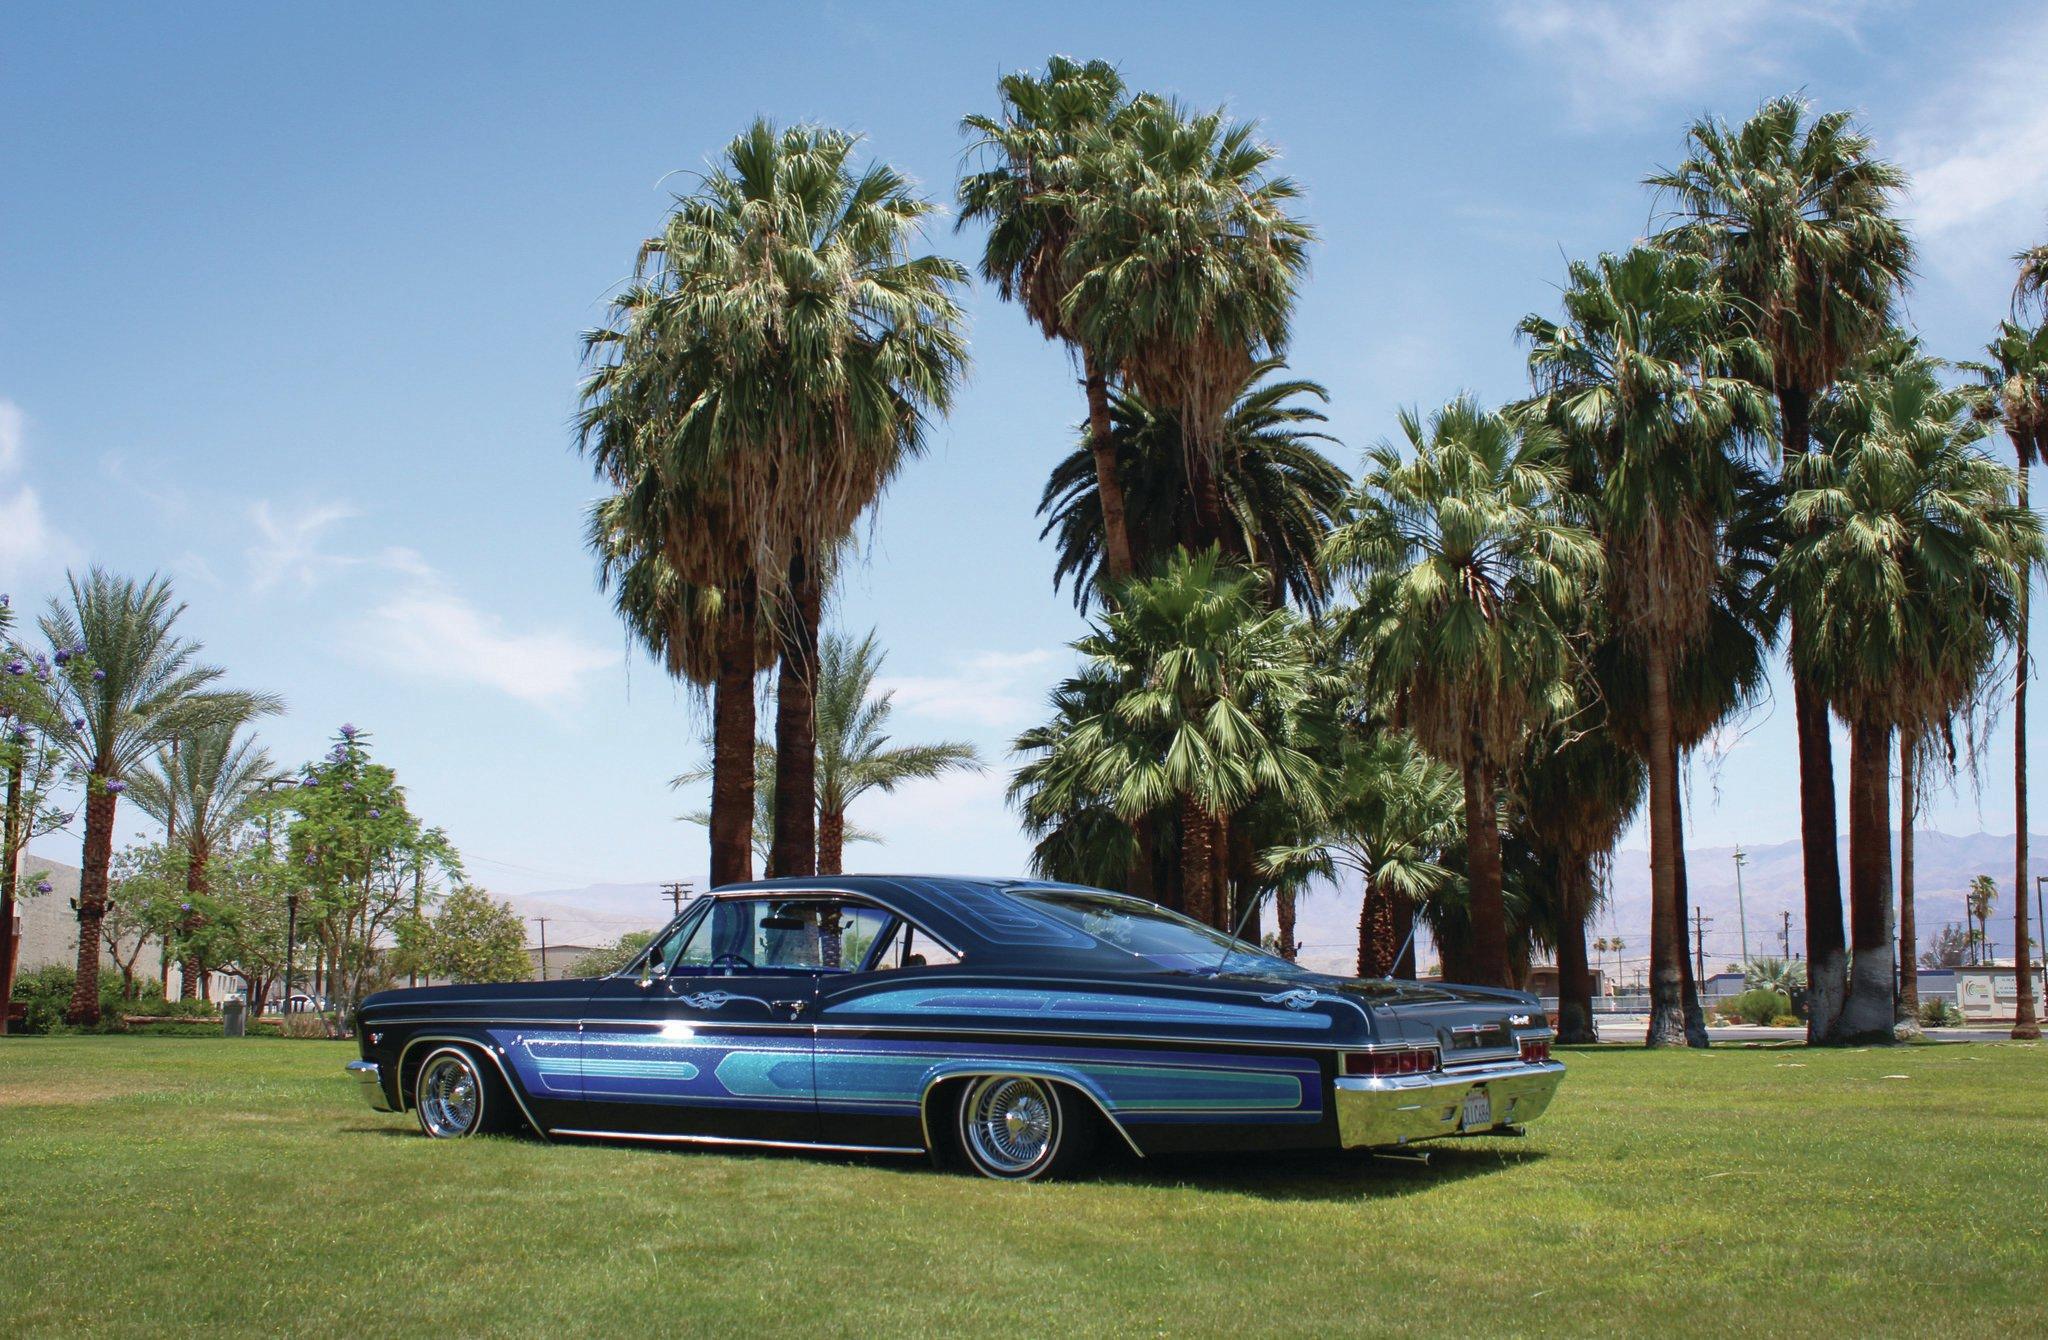 1966 Chevrolet Impala Classic Six Chevy 2 Door 16